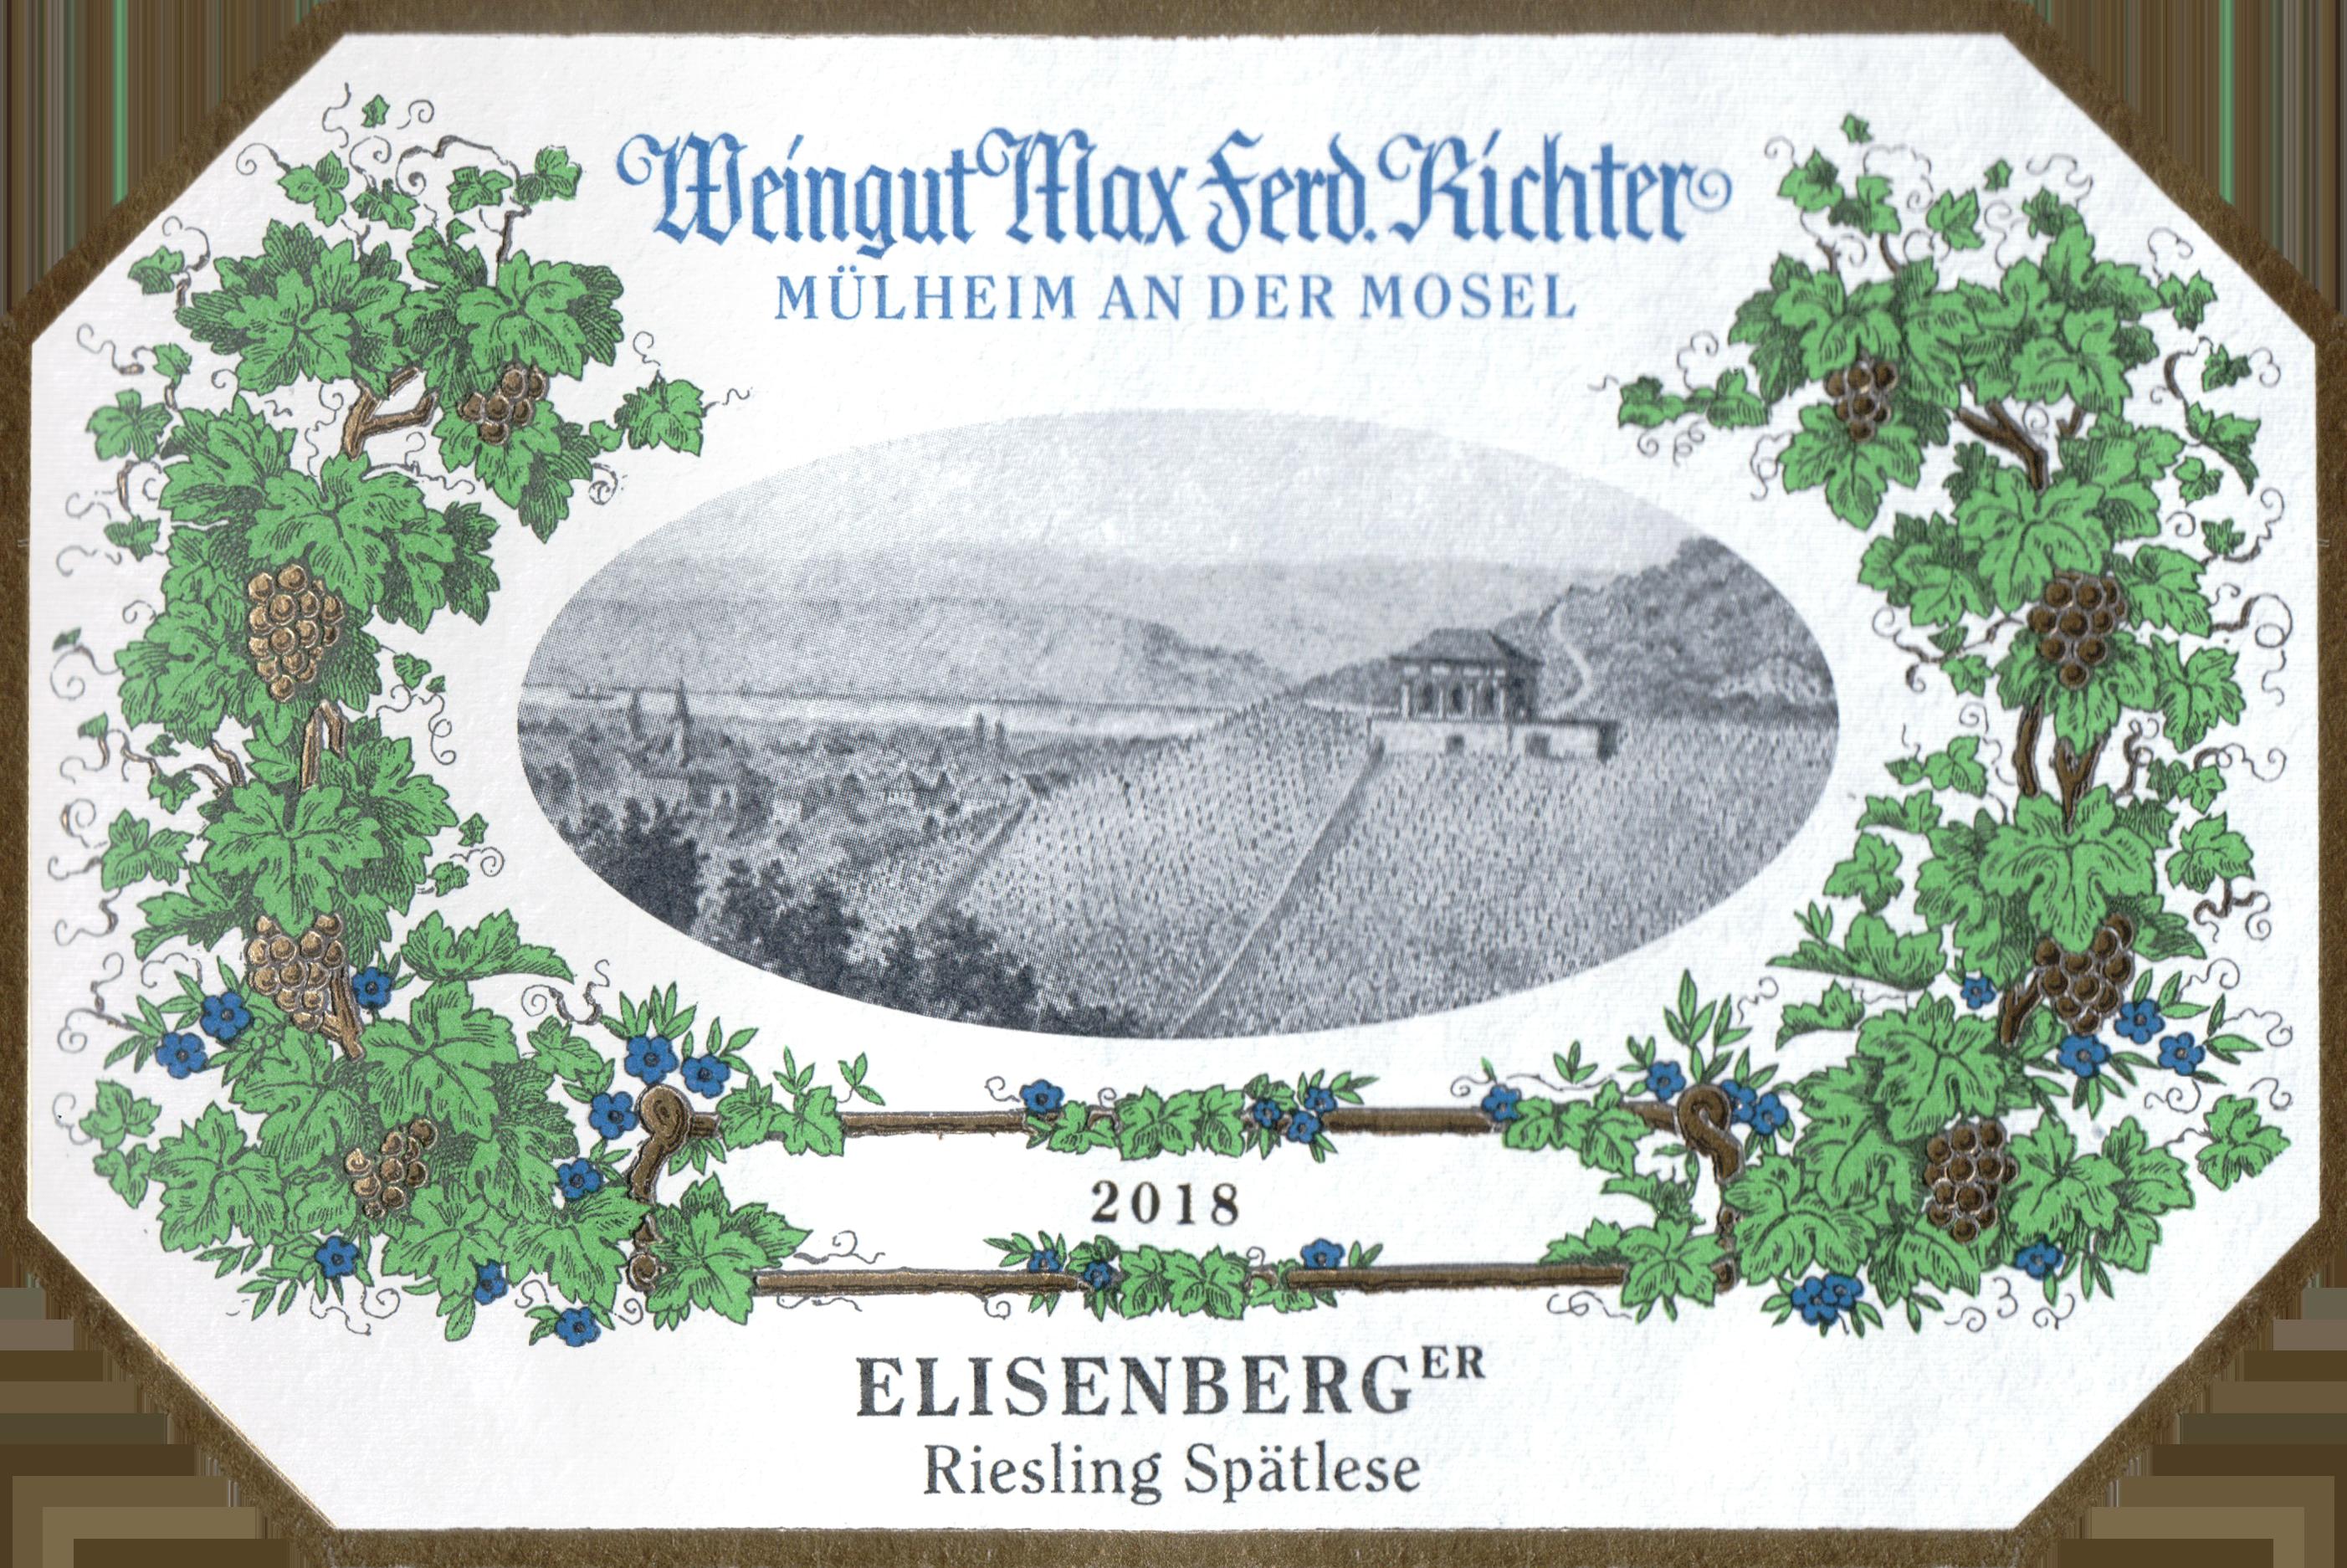 Max Ferd Richter Spatlese Veldenzer Elisenberg Riesling 2018